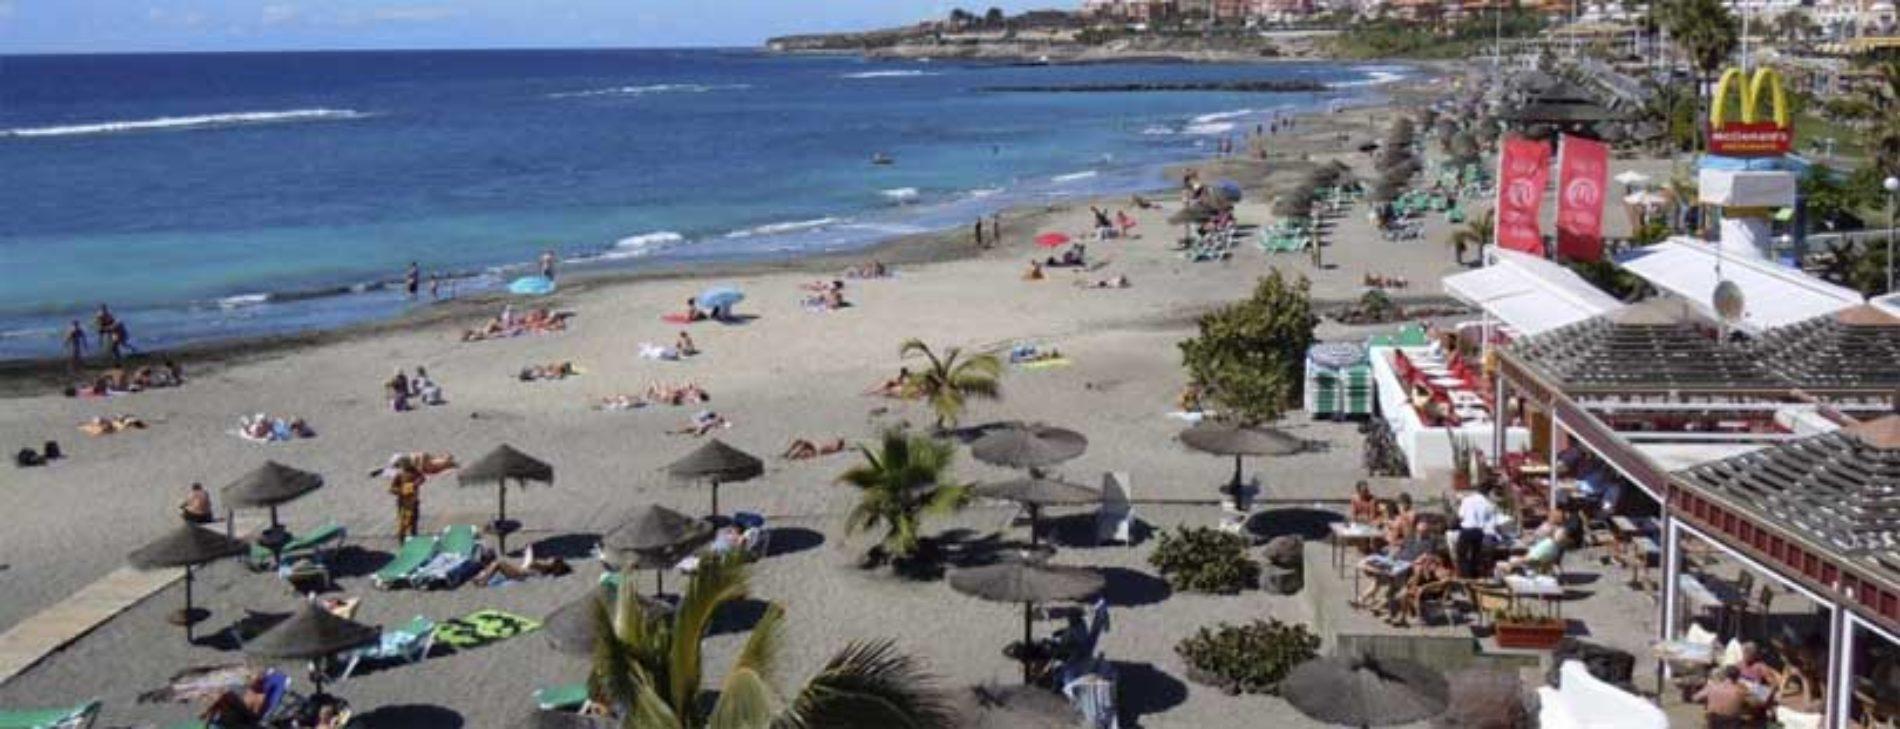 Ønsker 'turist-politi' på Tenerife